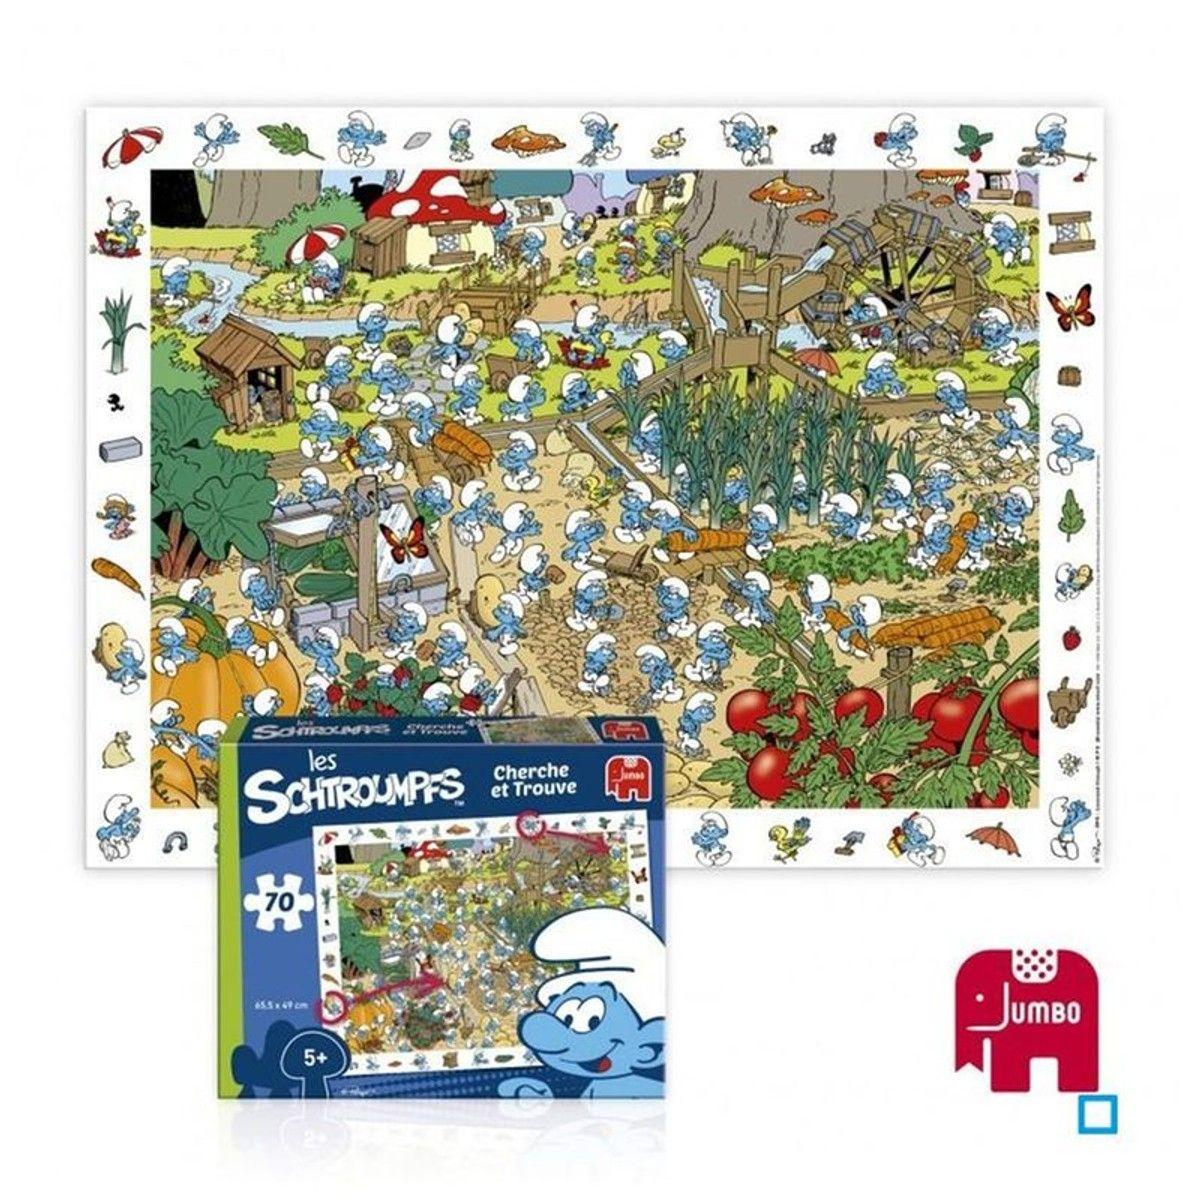 Les Schtroumpfs - Puzzle 70 Pièces - Dis41034 - Taille à Puzzle En Ligne Enfant